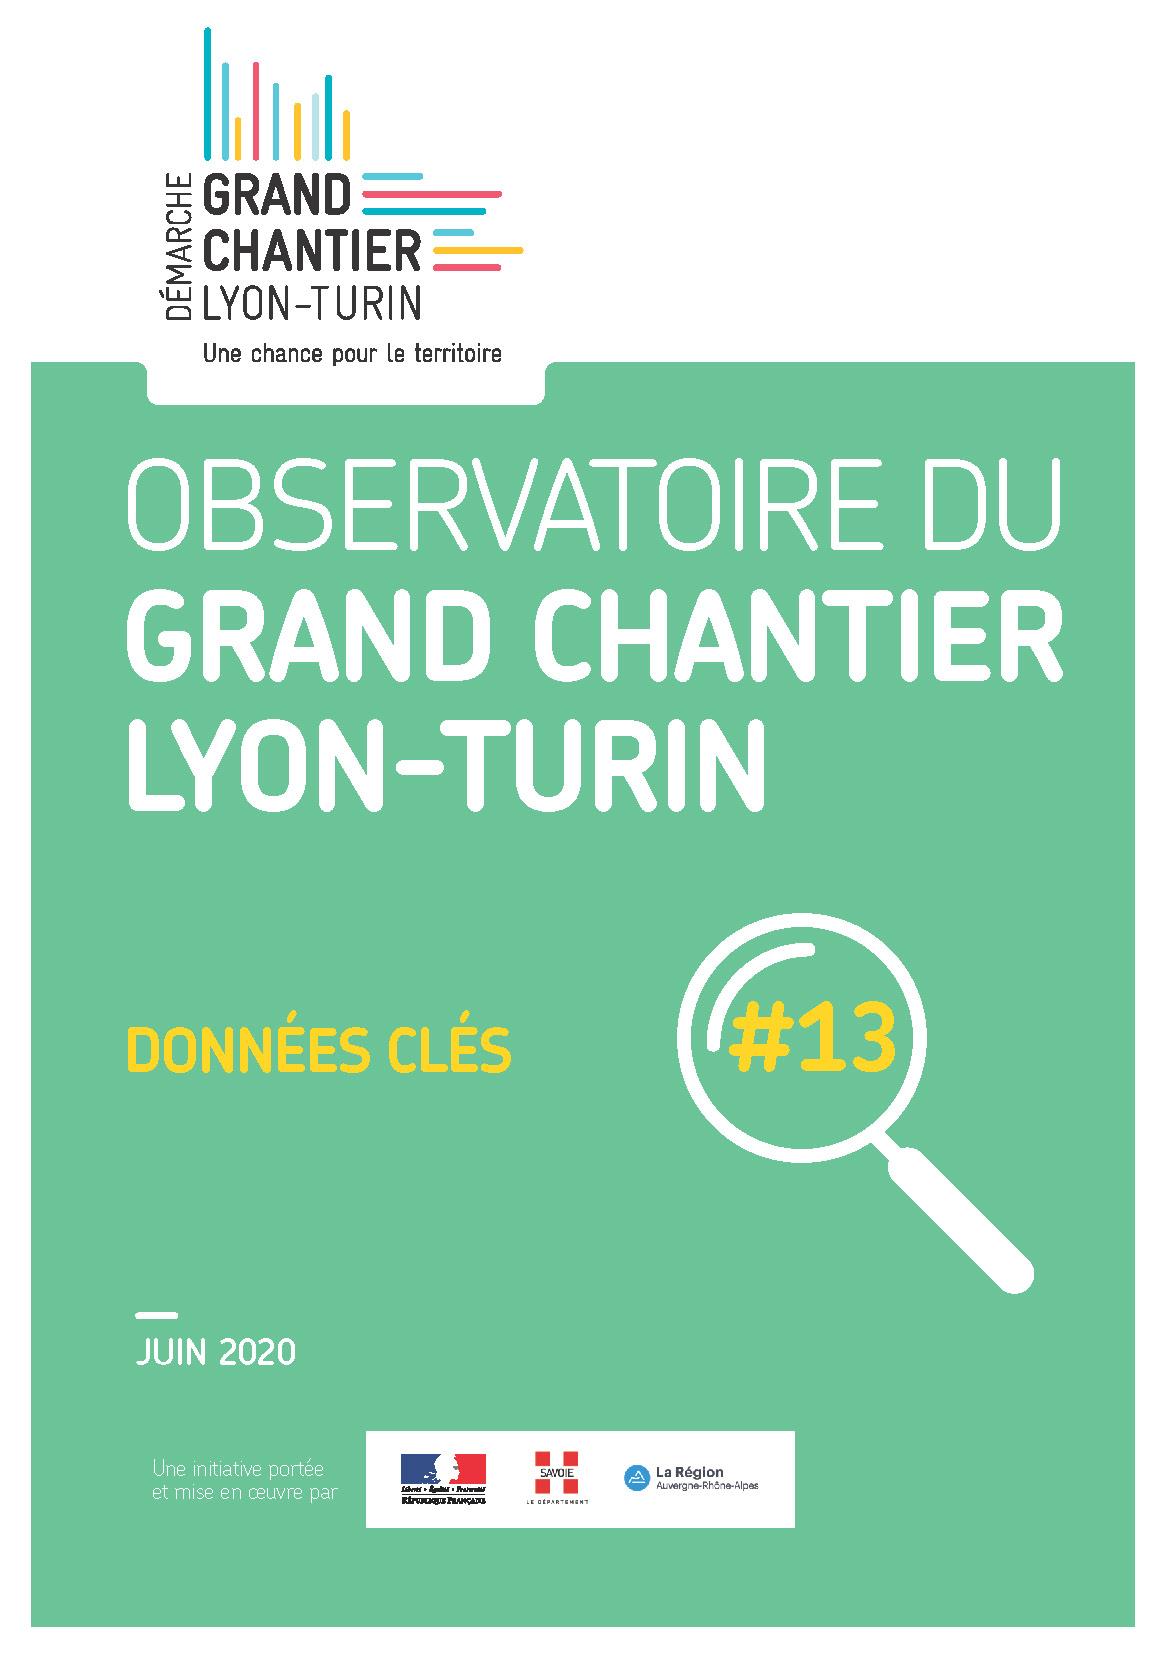 Pages de OBS DGC Lyon-Turin - données clés n°13 - 06 2020